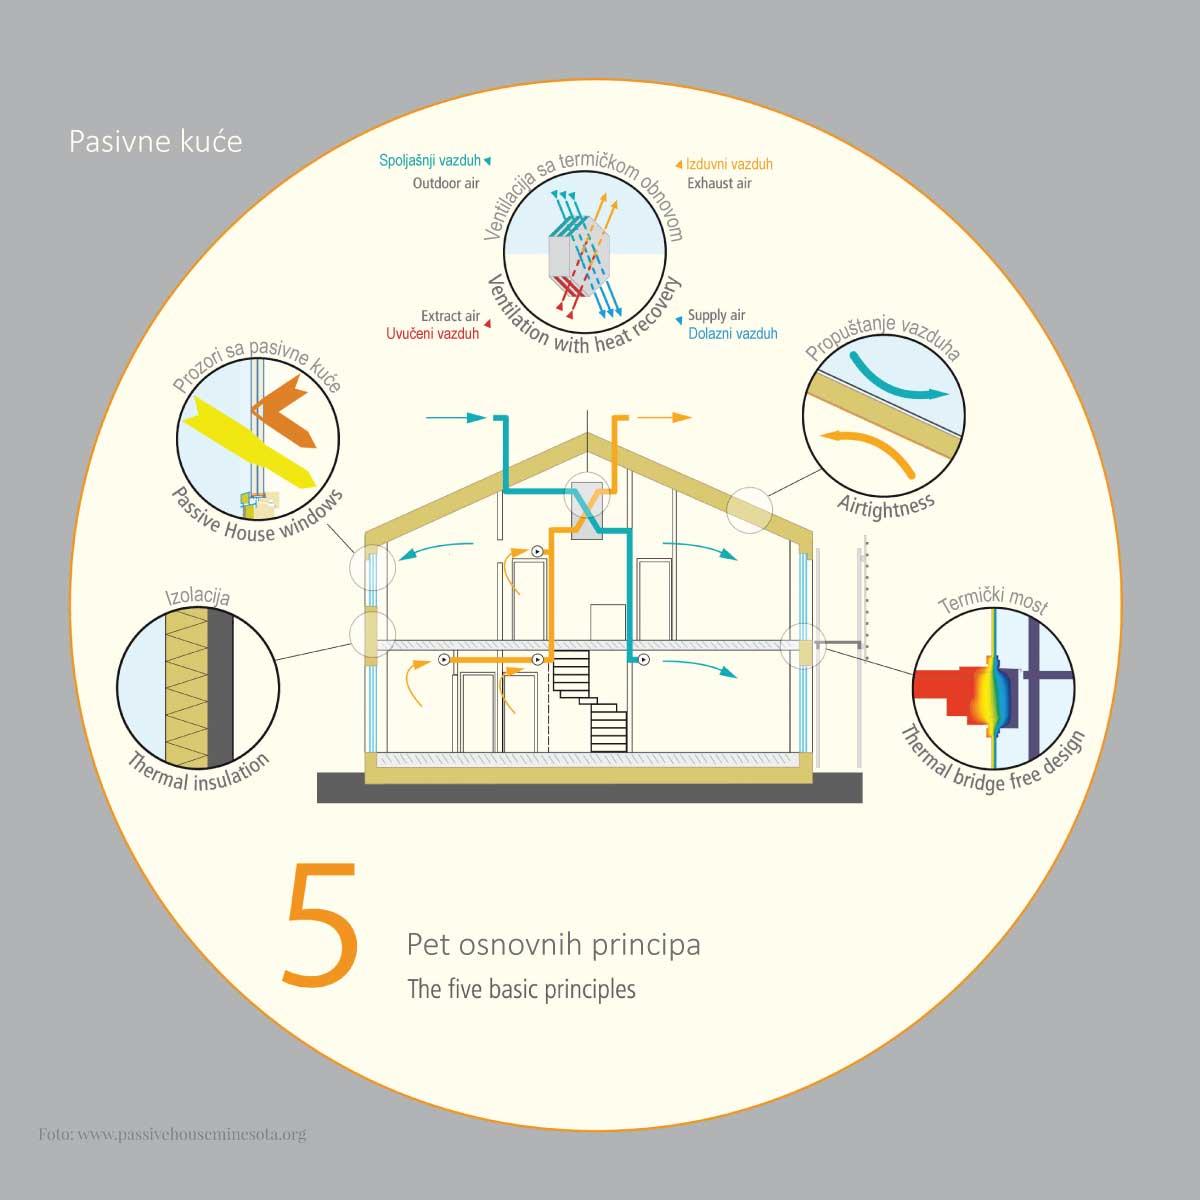 5 osnovnih principa gradnje pasivne kuće